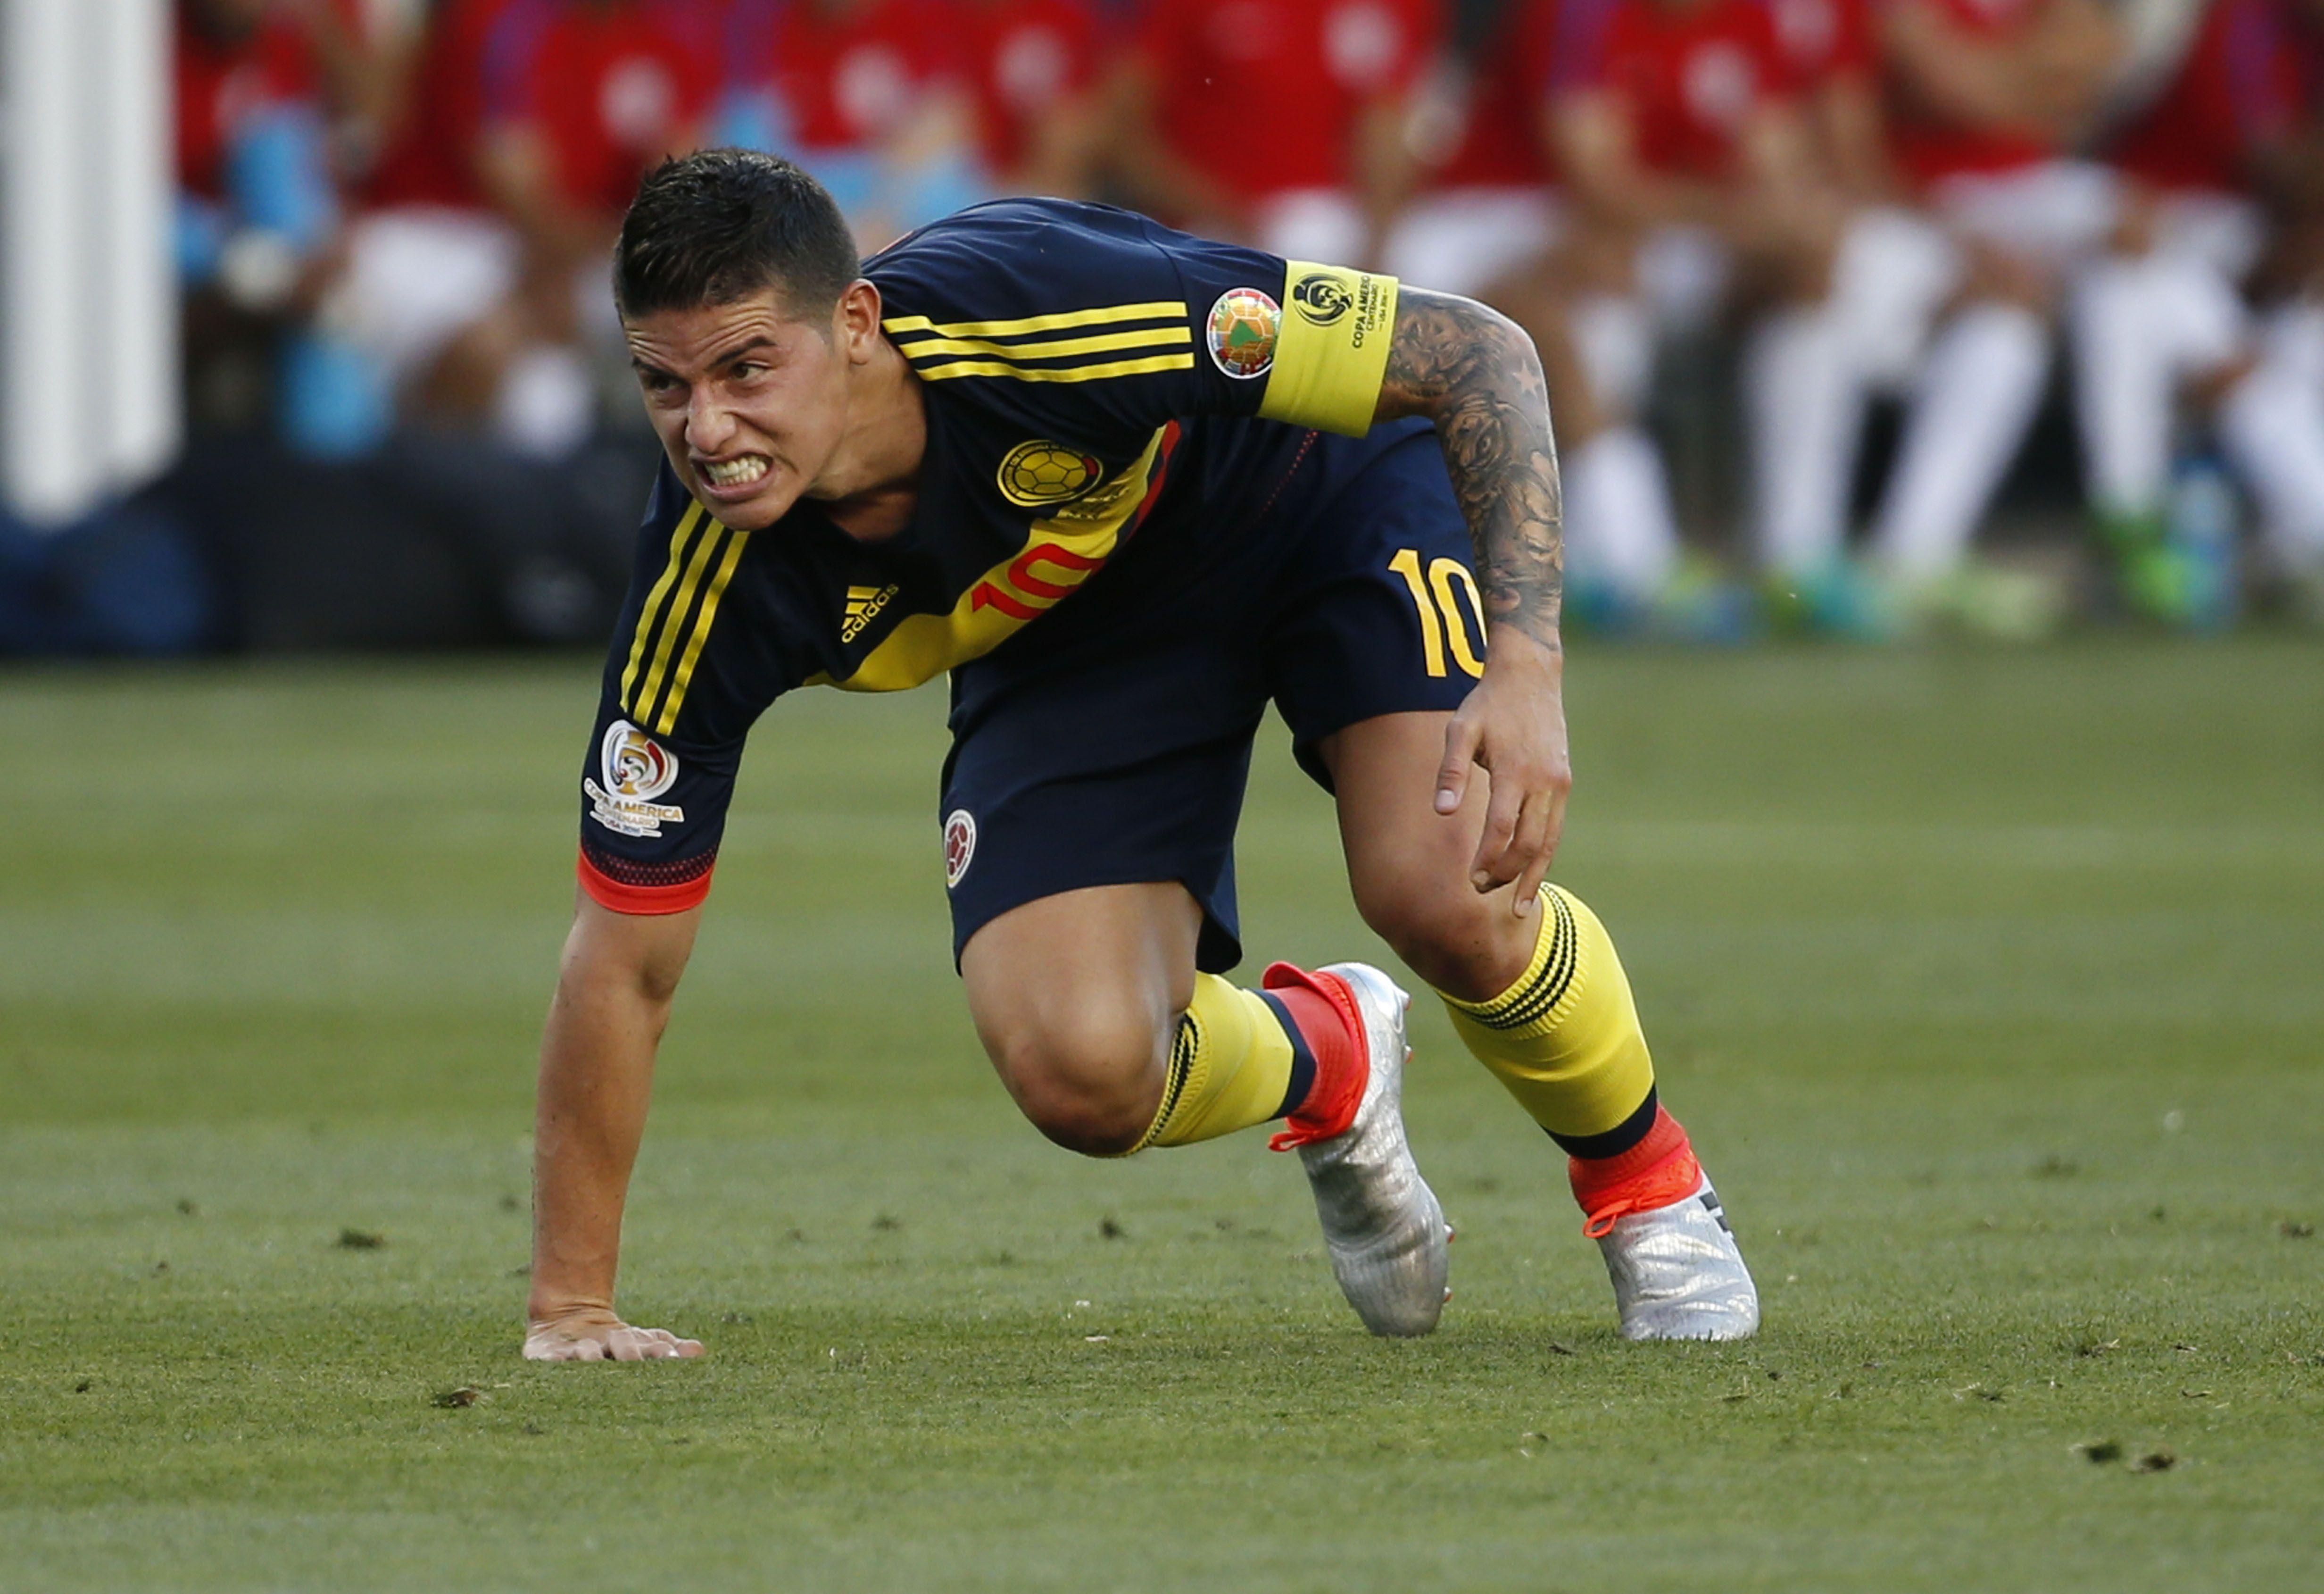 Sufre Pekerman: Colombia pierde a su estrella para un partido clave